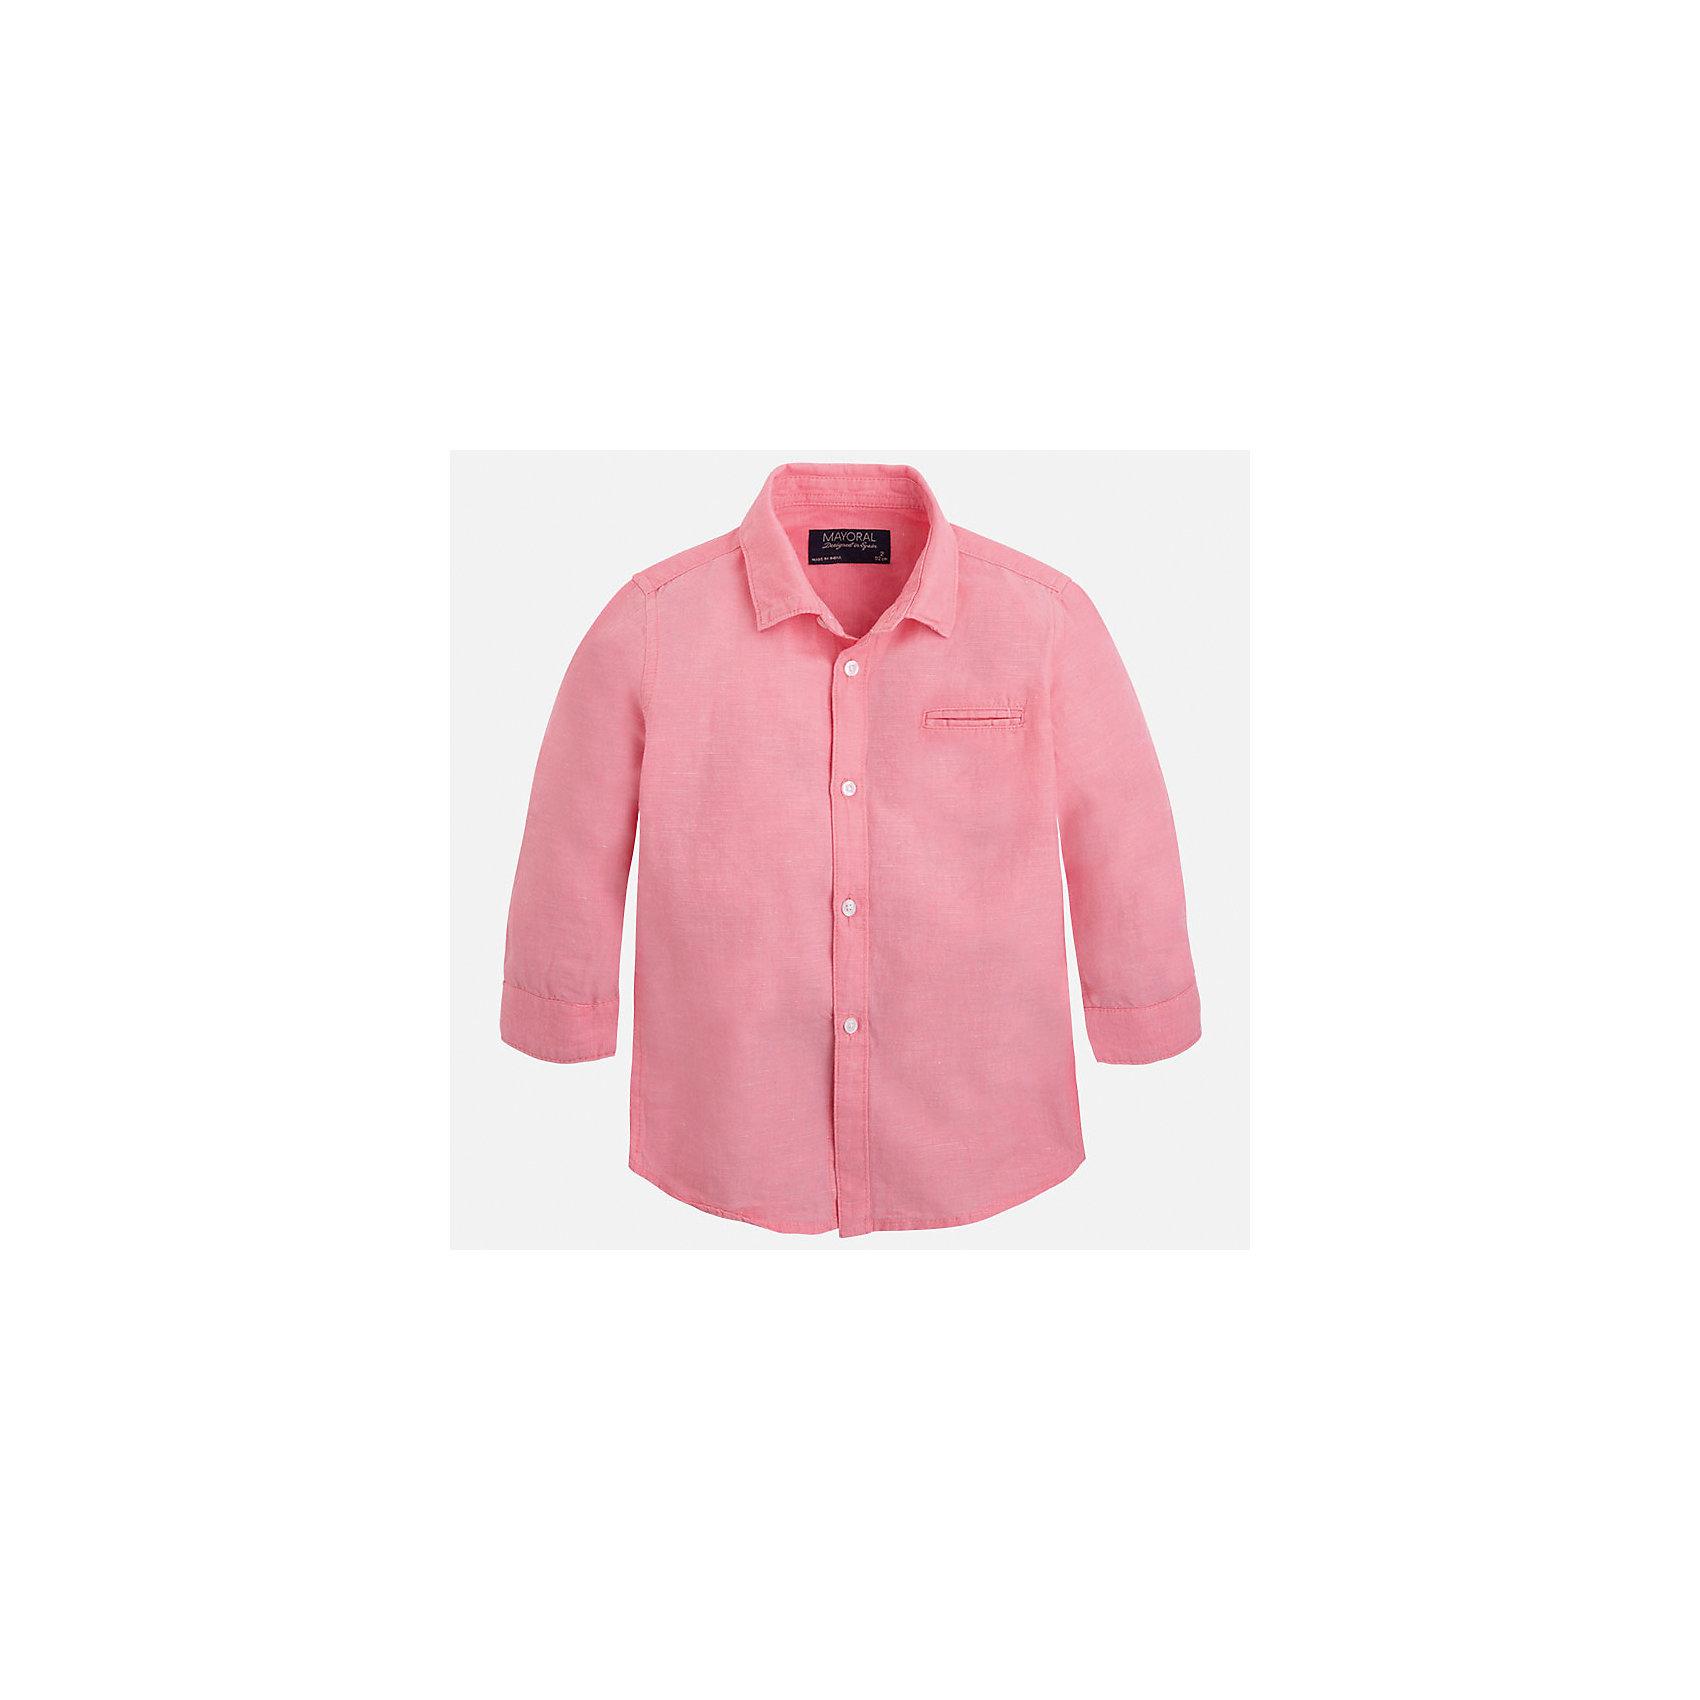 Рубашка для мальчика MayoralБлузки и рубашки<br>Характеристики товара:<br><br>• цвет: розовый<br>• состав: 70% хлопок, 30% лен<br>• отложной воротник<br>• рукава с отворотами<br>• застежка: пуговицы<br>• карман на груди<br>• страна бренда: Испания<br><br>Удобная и модная рубашка для мальчика может стать базовой вещью в гардеробе ребенка. Она отлично сочетается с брюками, шортами, джинсами и т.д. Универсальный крой и цвет позволяет подобрать к вещи низ разных расцветок. Практичное и стильное изделие! В составе материала - натуральный хлопок, гипоаллергенный, приятный на ощупь, дышащий.<br><br>Одежда, обувь и аксессуары от испанского бренда Mayoral полюбились детям и взрослым по всему миру. Модели этой марки - стильные и удобные. Для их производства используются только безопасные, качественные материалы и фурнитура. Порадуйте ребенка модными и красивыми вещами от Mayoral! <br><br>Рубашку для мальчика от испанского бренда Mayoral (Майорал) можно купить в нашем интернет-магазине.<br><br>Ширина мм: 174<br>Глубина мм: 10<br>Высота мм: 169<br>Вес г: 157<br>Цвет: розовый<br>Возраст от месяцев: 84<br>Возраст до месяцев: 96<br>Пол: Мужской<br>Возраст: Детский<br>Размер: 128,134,122,116,104,98,92,110<br>SKU: 5277731